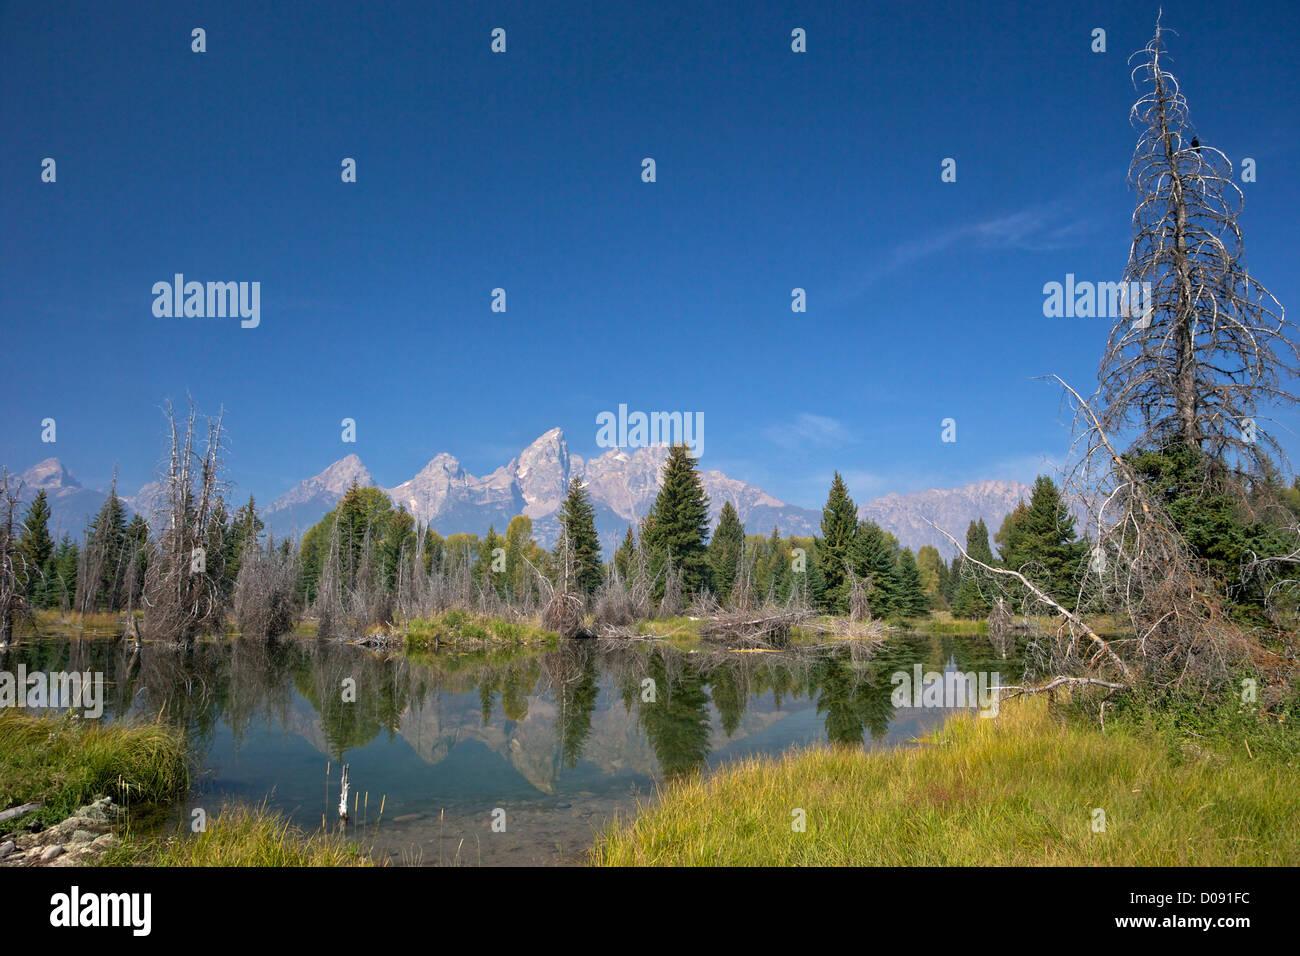 La rivière Snake, à l'atterrissage Schwabacher, Grand Teton National Park, Wyoming, USA Banque D'Images